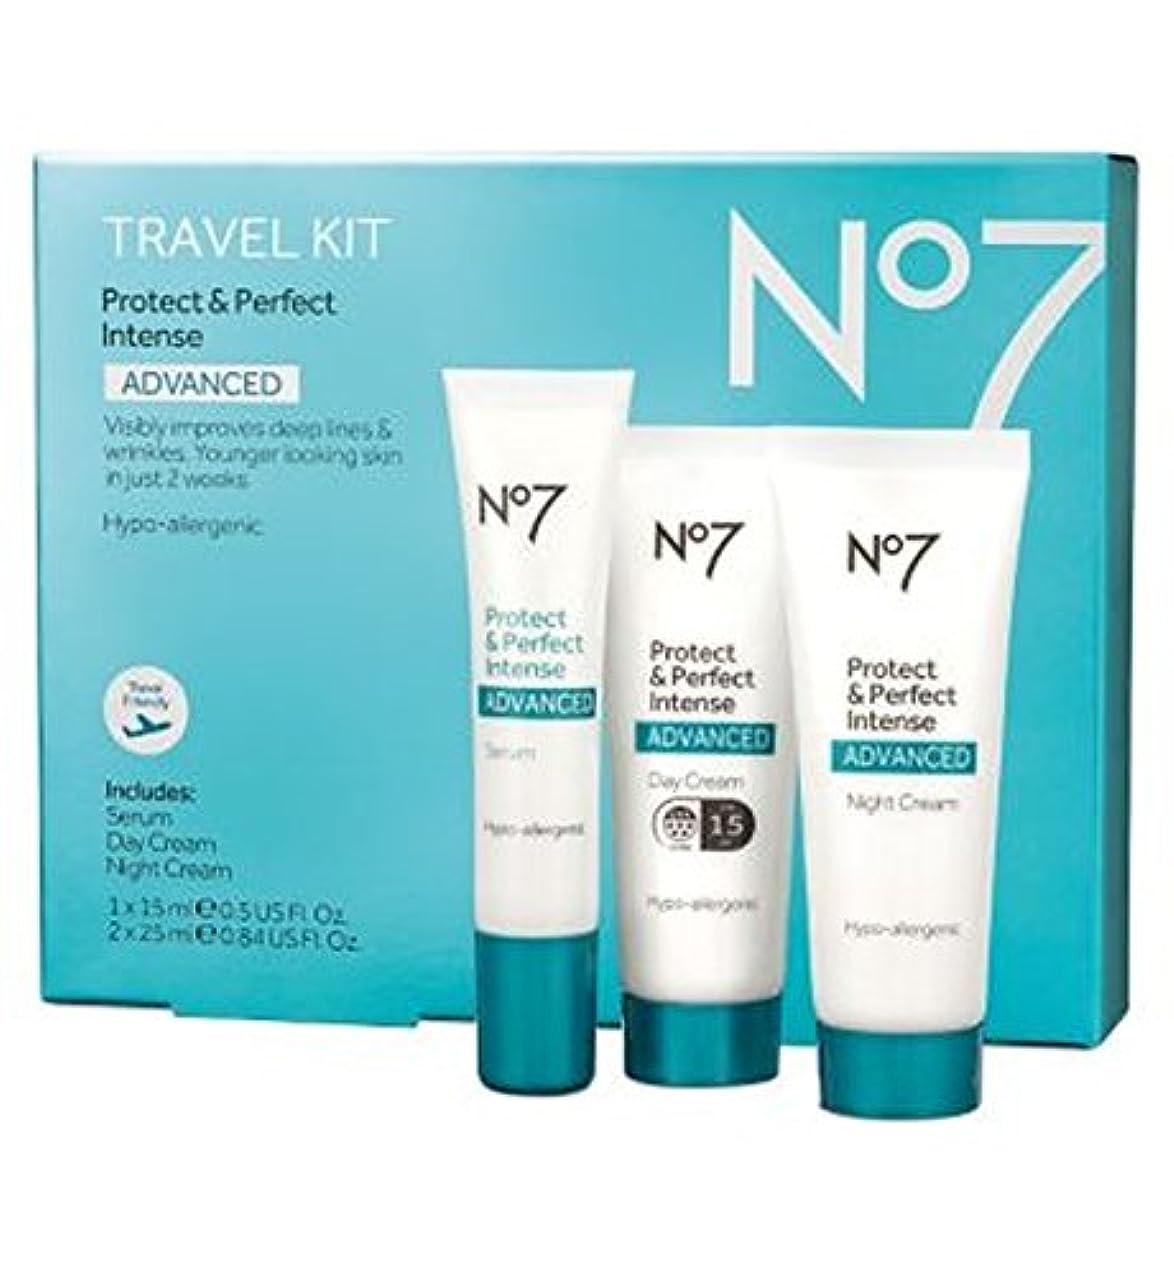 確認してくださいそばにタイムリーなNo7 Protect & Perfect Intense ADVANCED Travel Kit - No7保護&完璧な強烈な高度な旅行キット (No7) [並行輸入品]